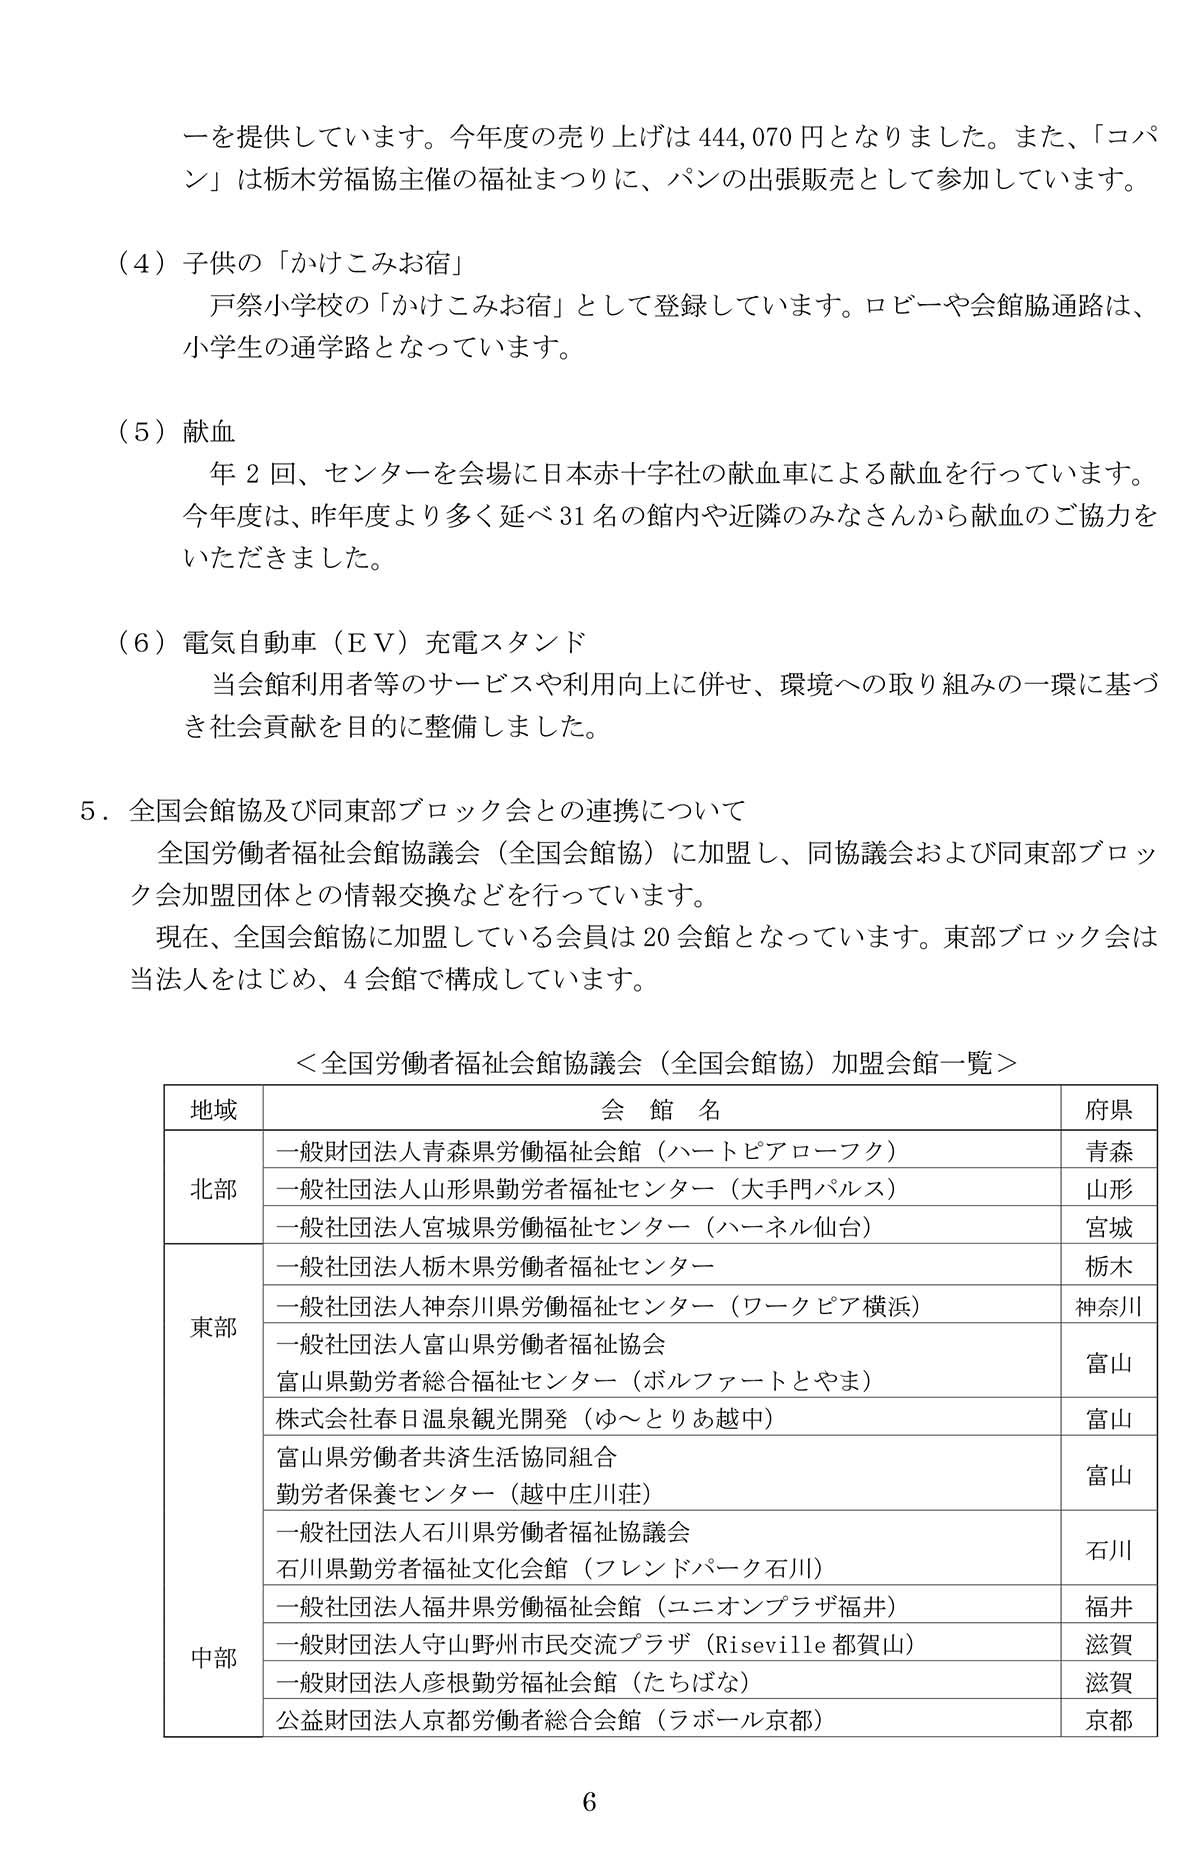 事業報告書55期-6